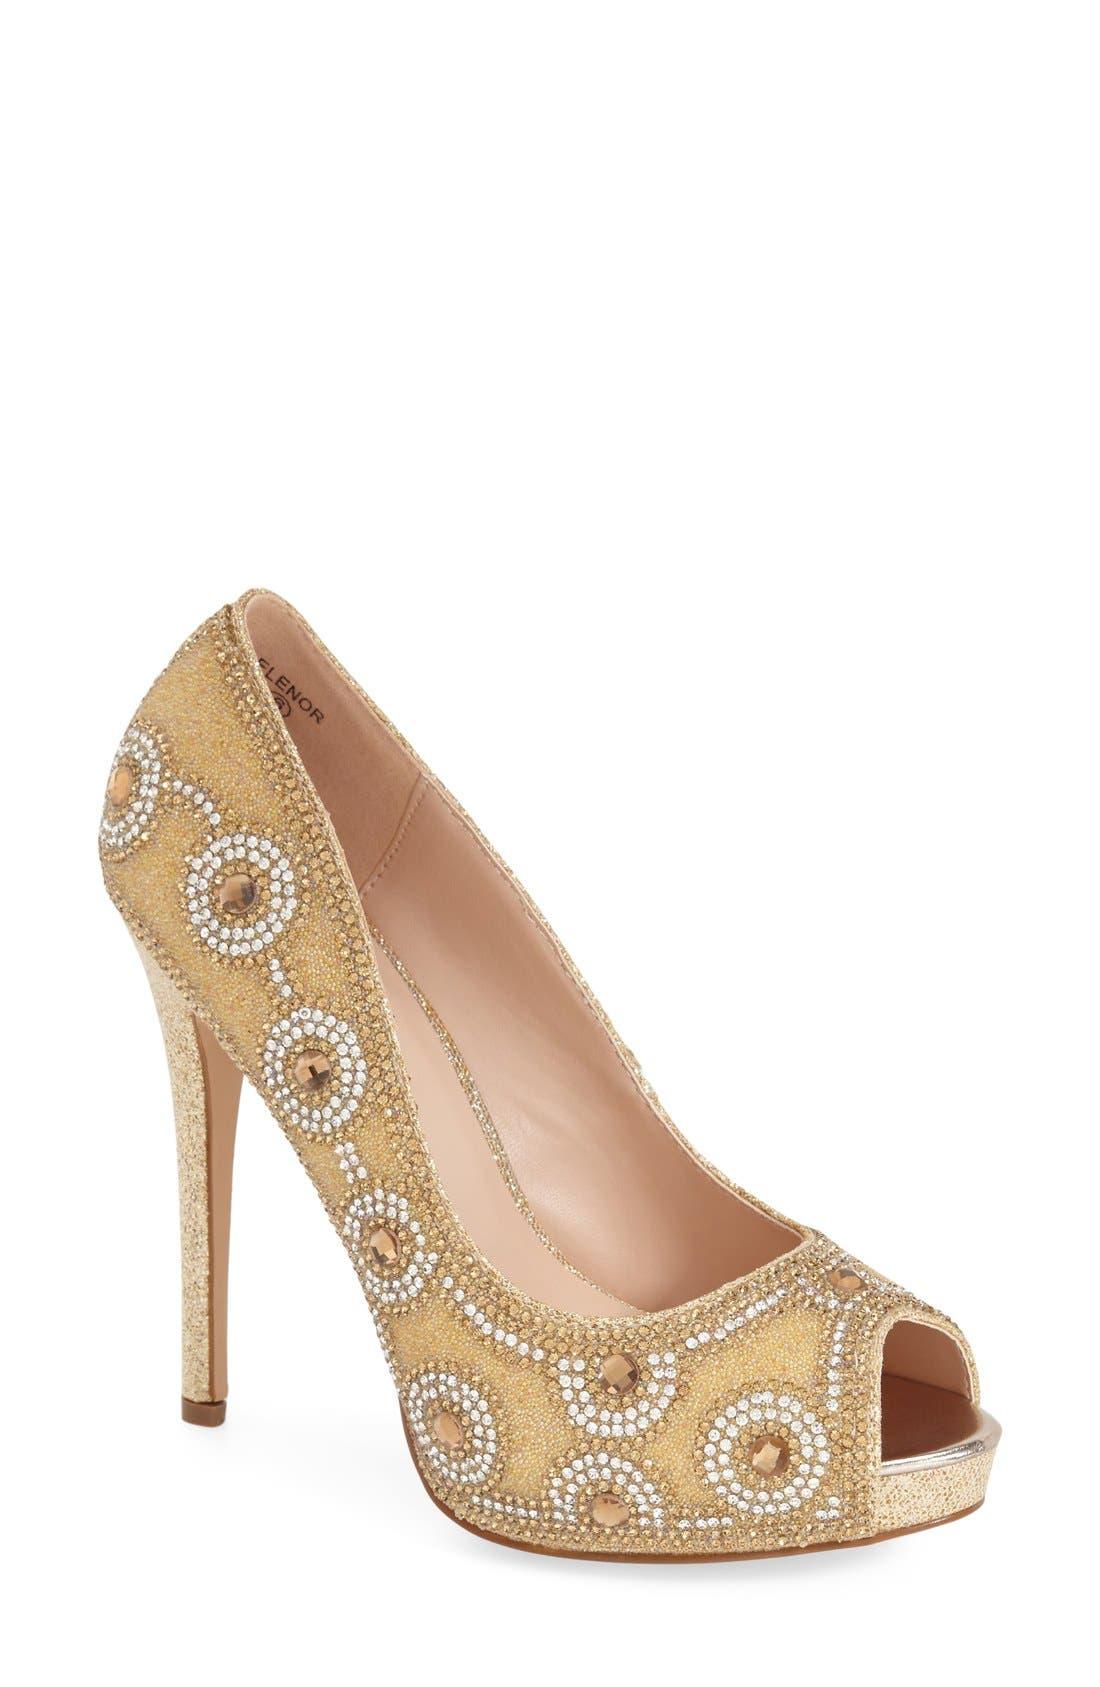 Alternate Image 1 Selected - Lauren Lorraine 'Elenor' Crystal Embellished Peep Toe Pump (Women)